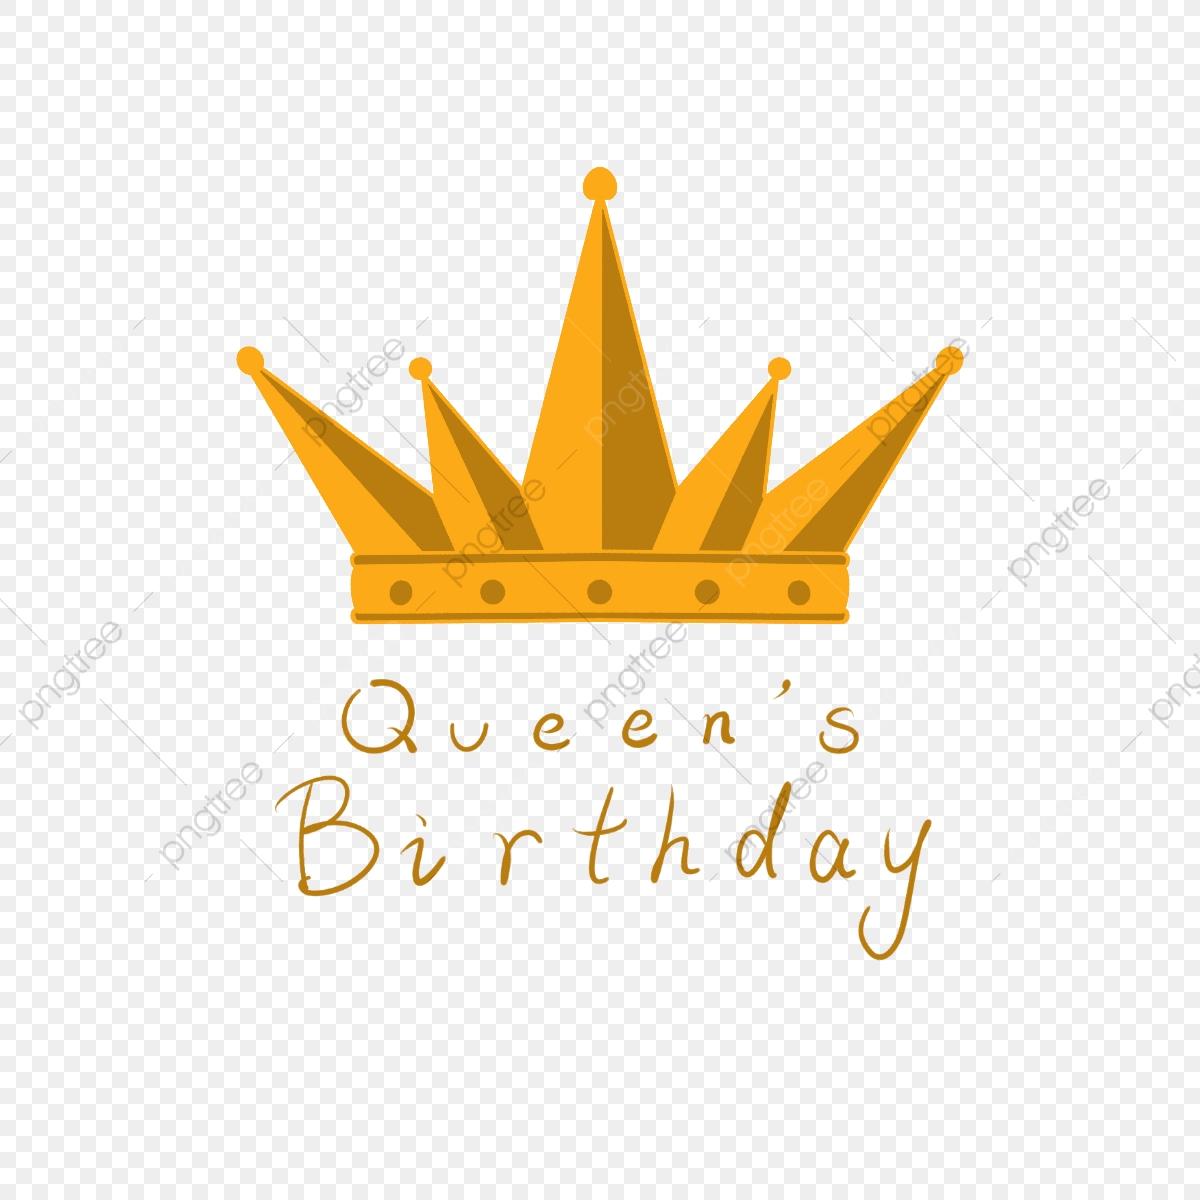 Queen clipart queens birthday. The golden crown elements